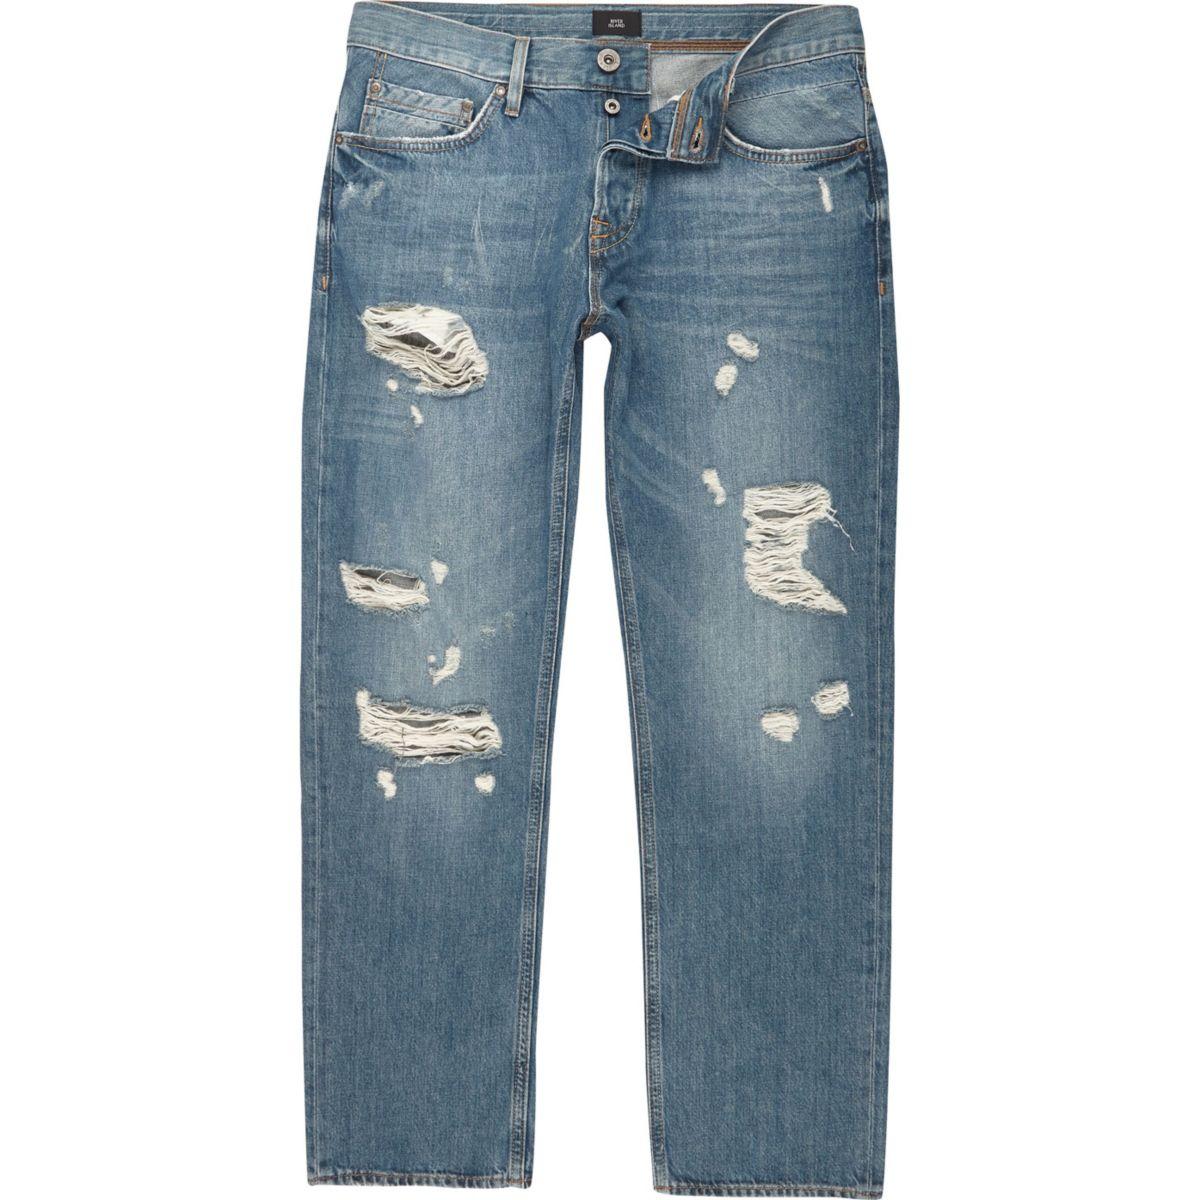 Big and Tall - Middenblauwe gescheurde ruimvallende jeans